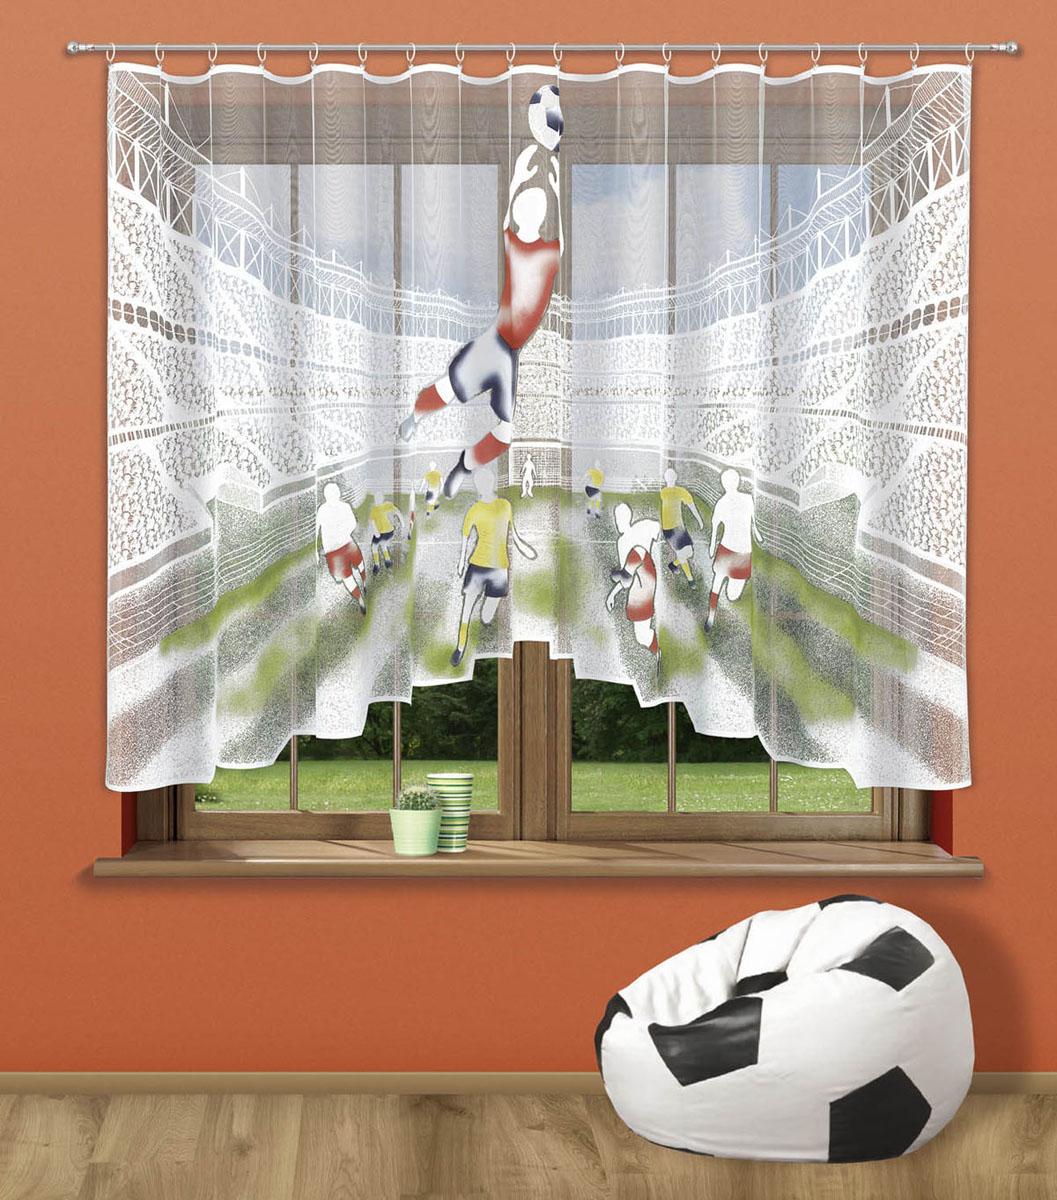 Гардина Stadion, цвет: белый, высота 150 см723560Гардина Stadion, изготовленная из полиэстера белого цвета, станет изюминкой интерьера вашей комнаты. Оригинальный принт в виде футболистов на стадионе привлечет к себе внимание и органично впишется в интерьер комнаты. Верхняя часть гардины не оснащена креплениями. Характеристики:Материал: 100% полиэстер. Размер упаковки:27 см х 34 см х 1,5 см. Артикул: 723560.В комплект входит:Гардина - 1 шт. Размер (Ш х В): 300 см х 150 см. Фирма Wisan на польском рынке существует уже более пятидесяти лет и является одной из лучших польских фабрик по производству штор и тканей. Ассортимент фирмы представлен готовыми комплектами штор для гостиной, детской, кухни, а также текстилем для кухни (скатерти, салфетки, дорожки, кухонные занавески). Модельный ряд отличает оригинальный дизайн, высокое качество. Ассортимент продукции постоянно пополняется.